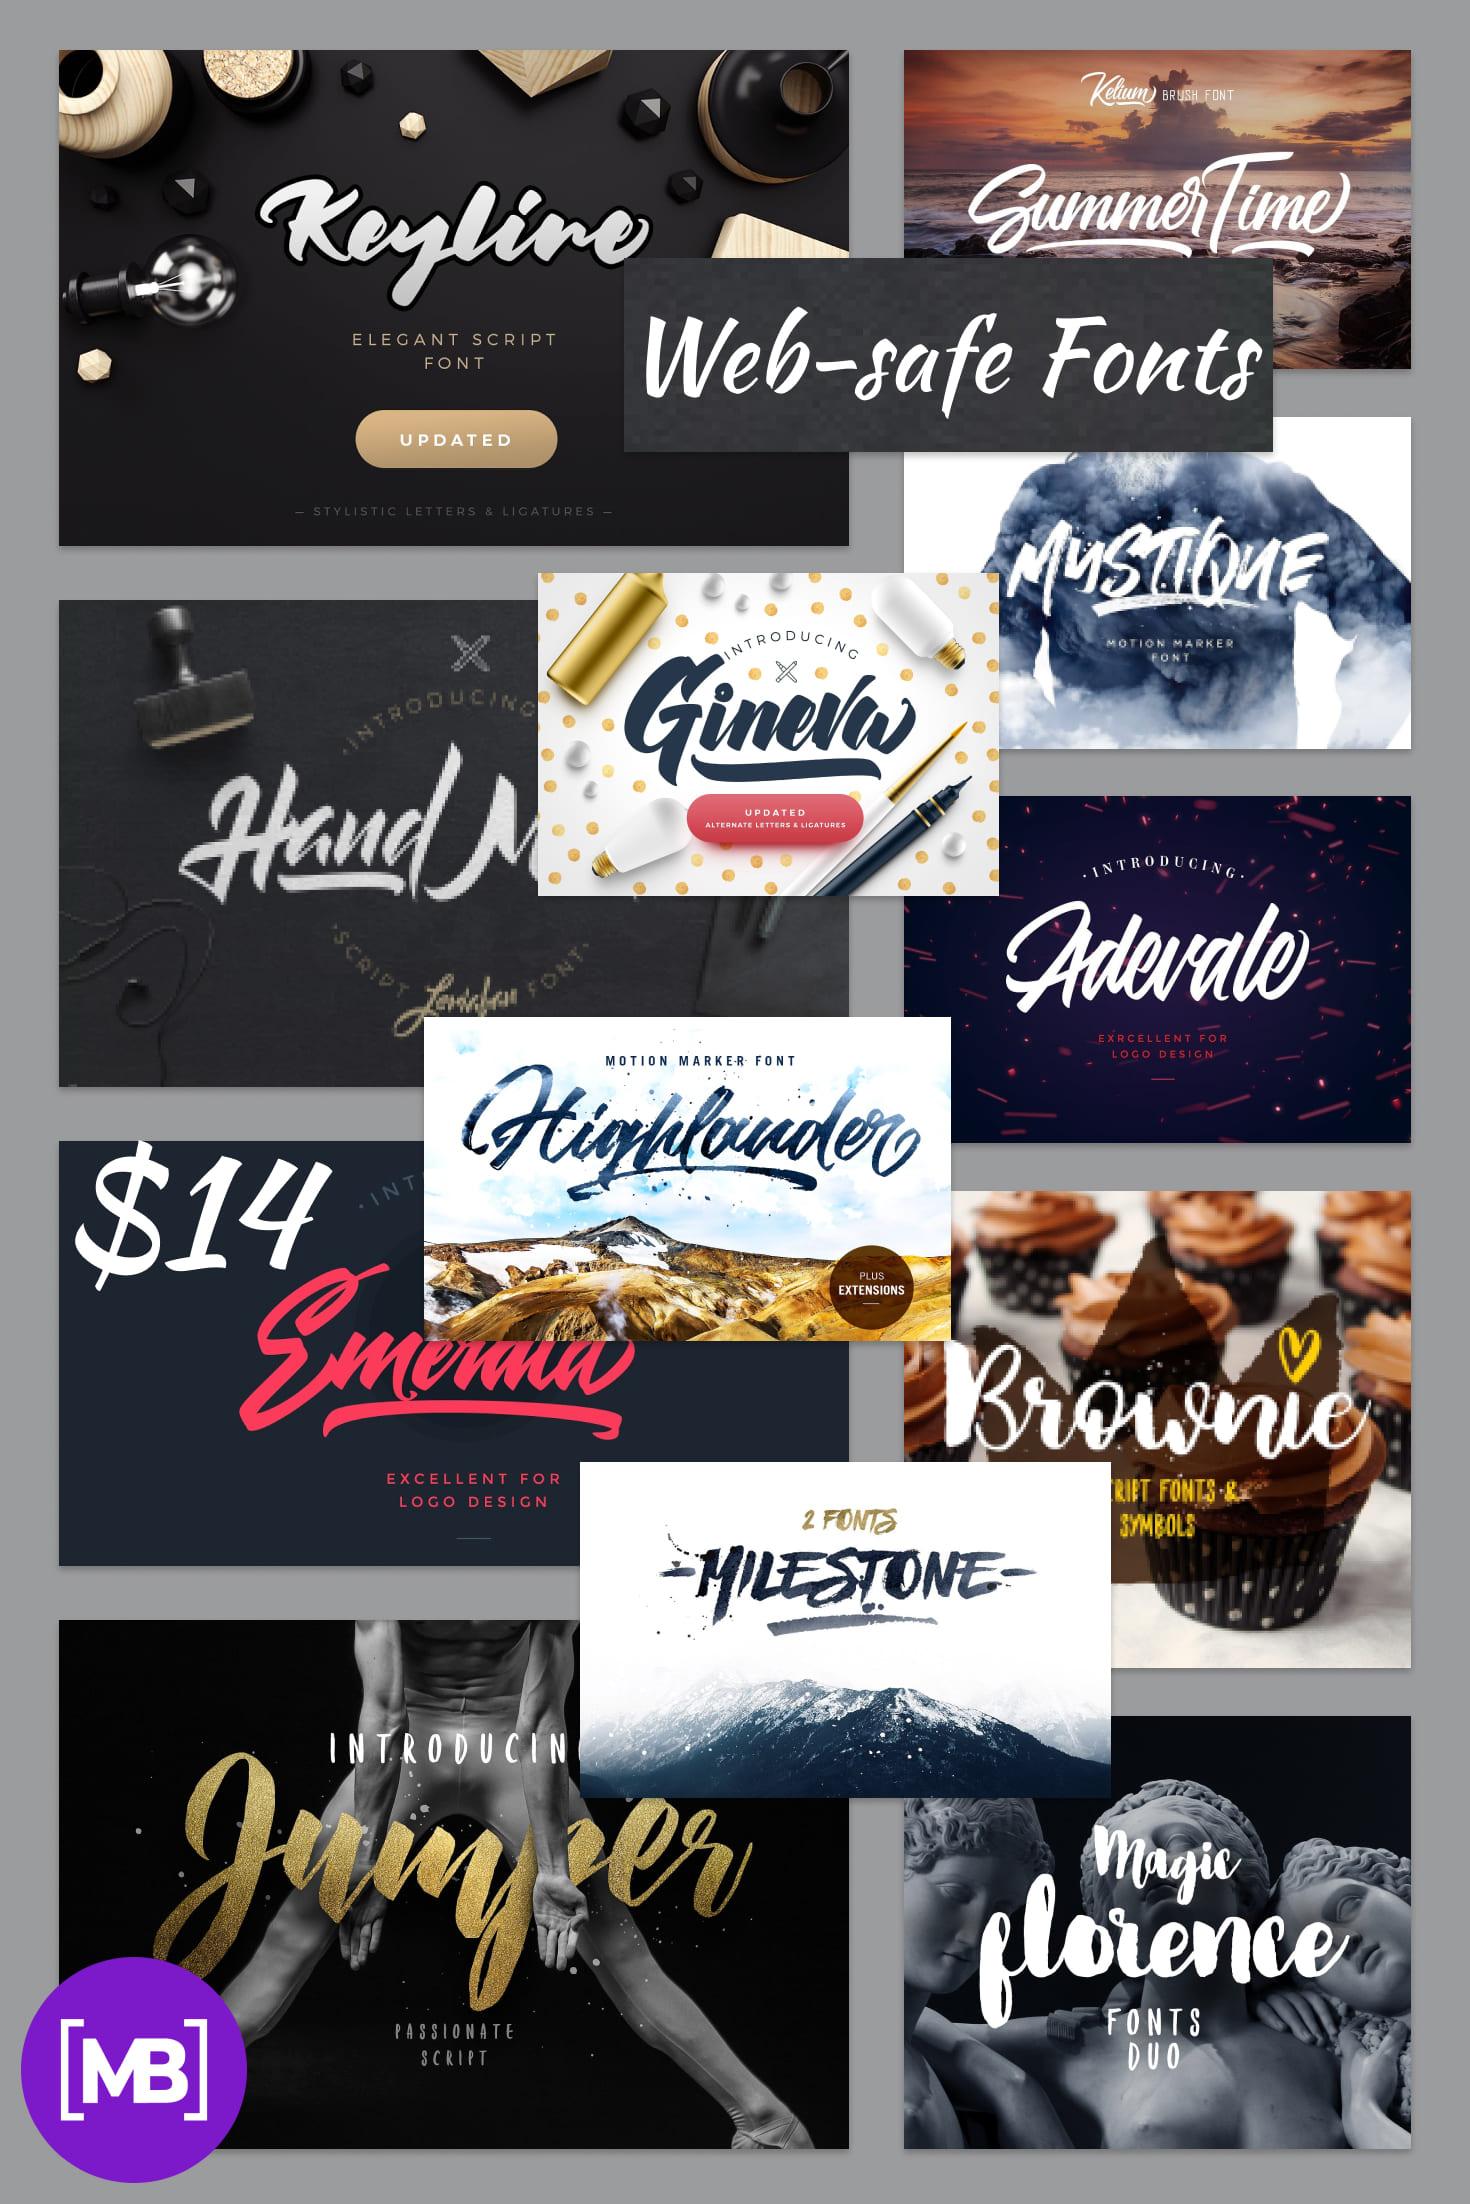 Pinterest Image: Web-safe Fonts - $14 for 14 Fonts Bundle - Best Deal.